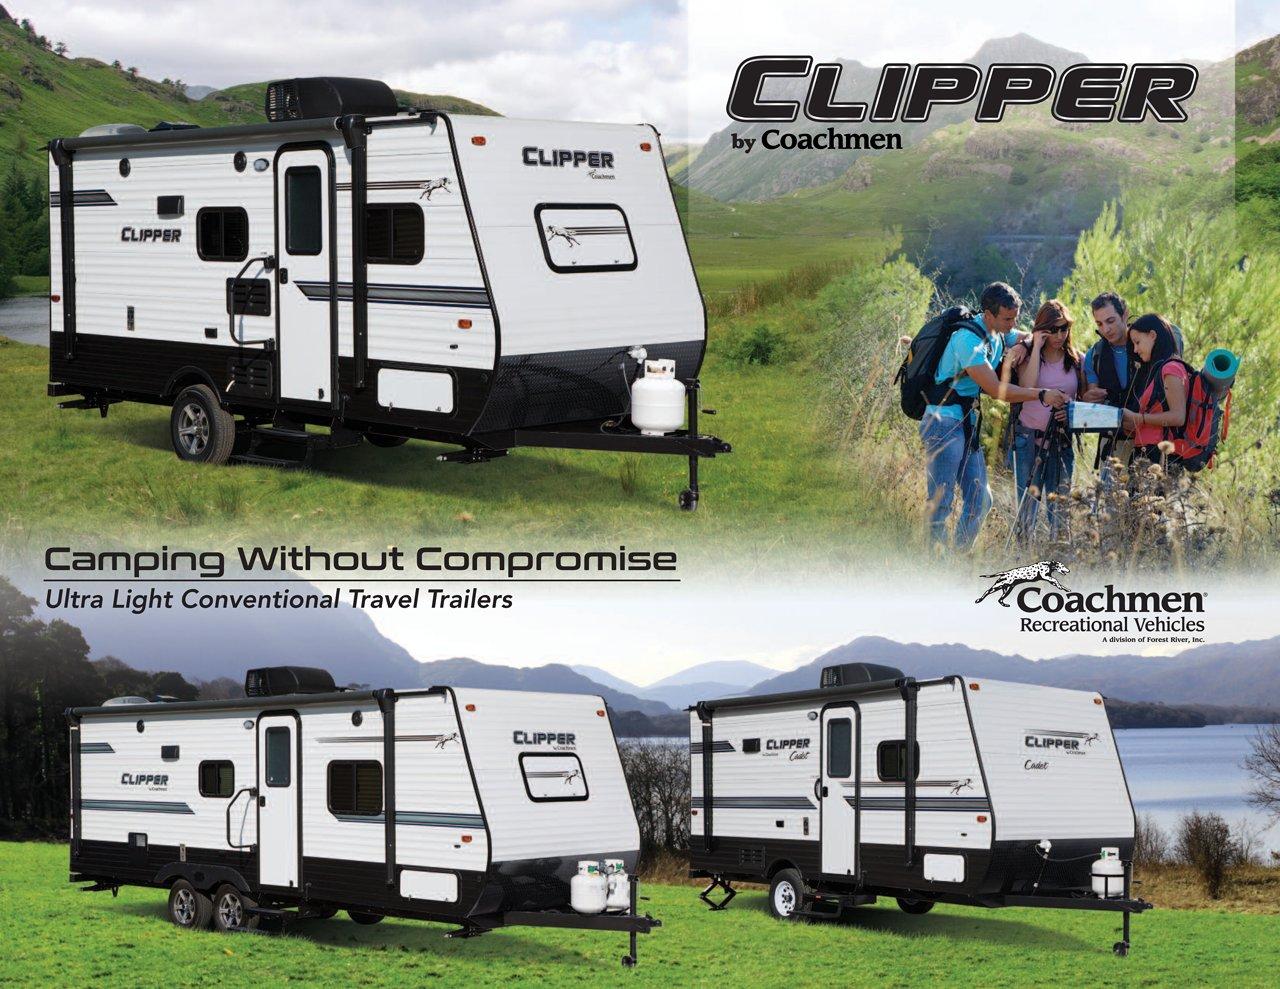 Coachmen Clipper Travel Trailer